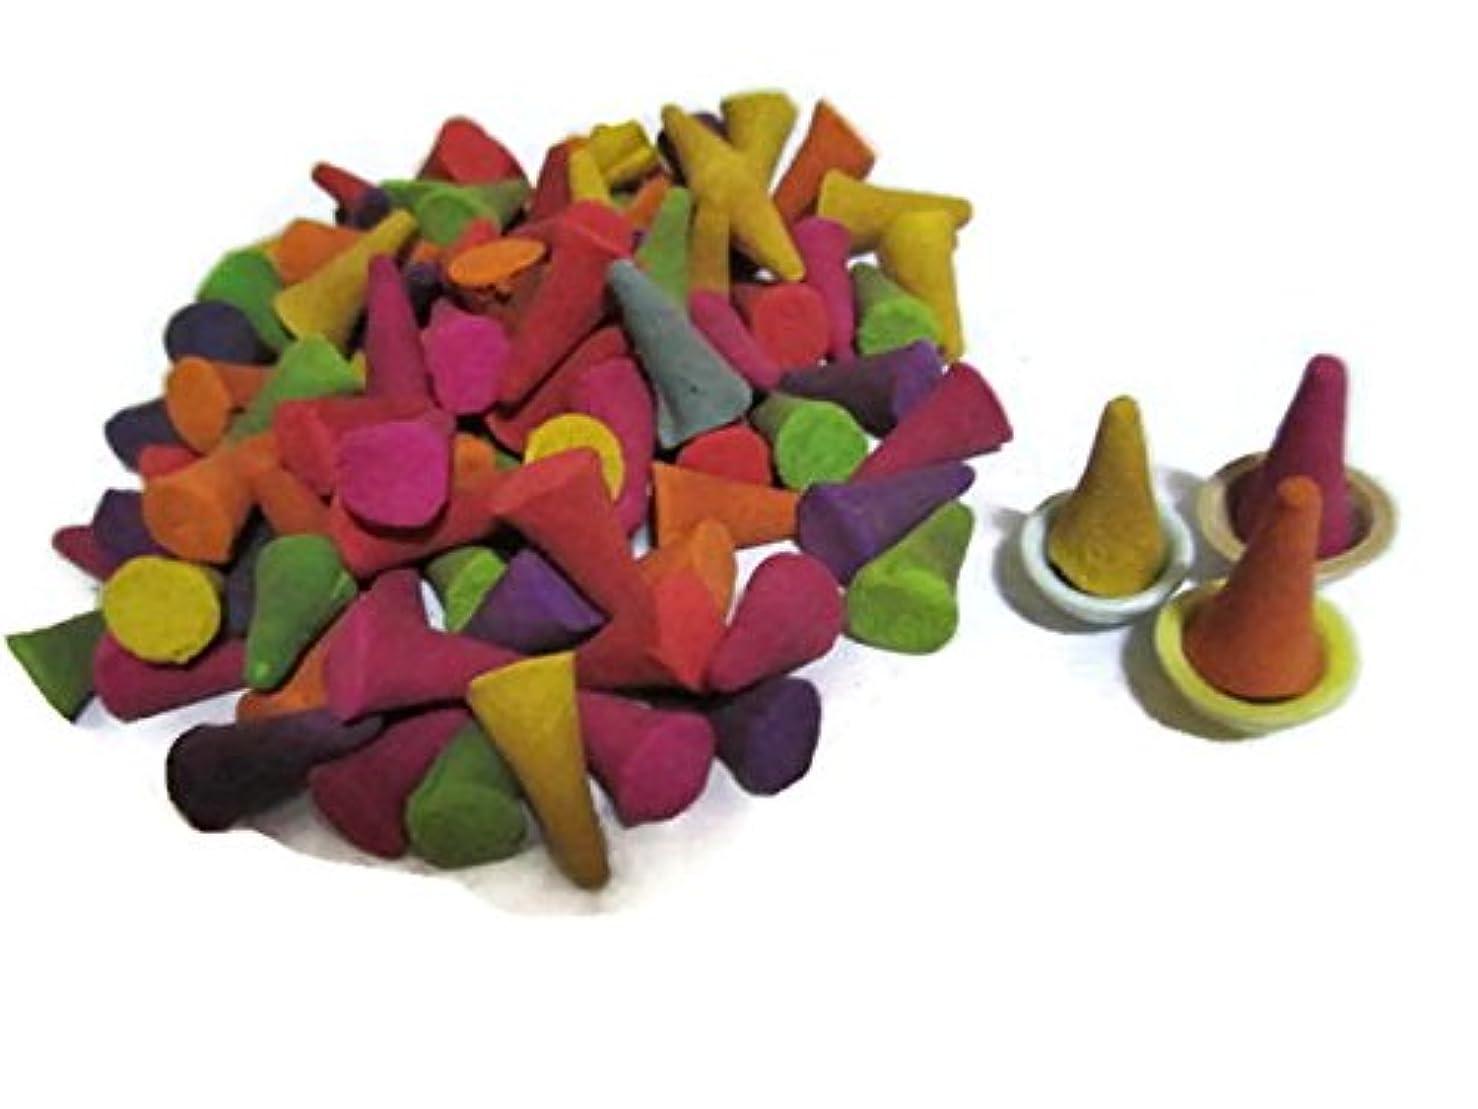 スプーン八密度Incense Conesミックスのさまざまな香り(パックof 100 Cones )タイ製品